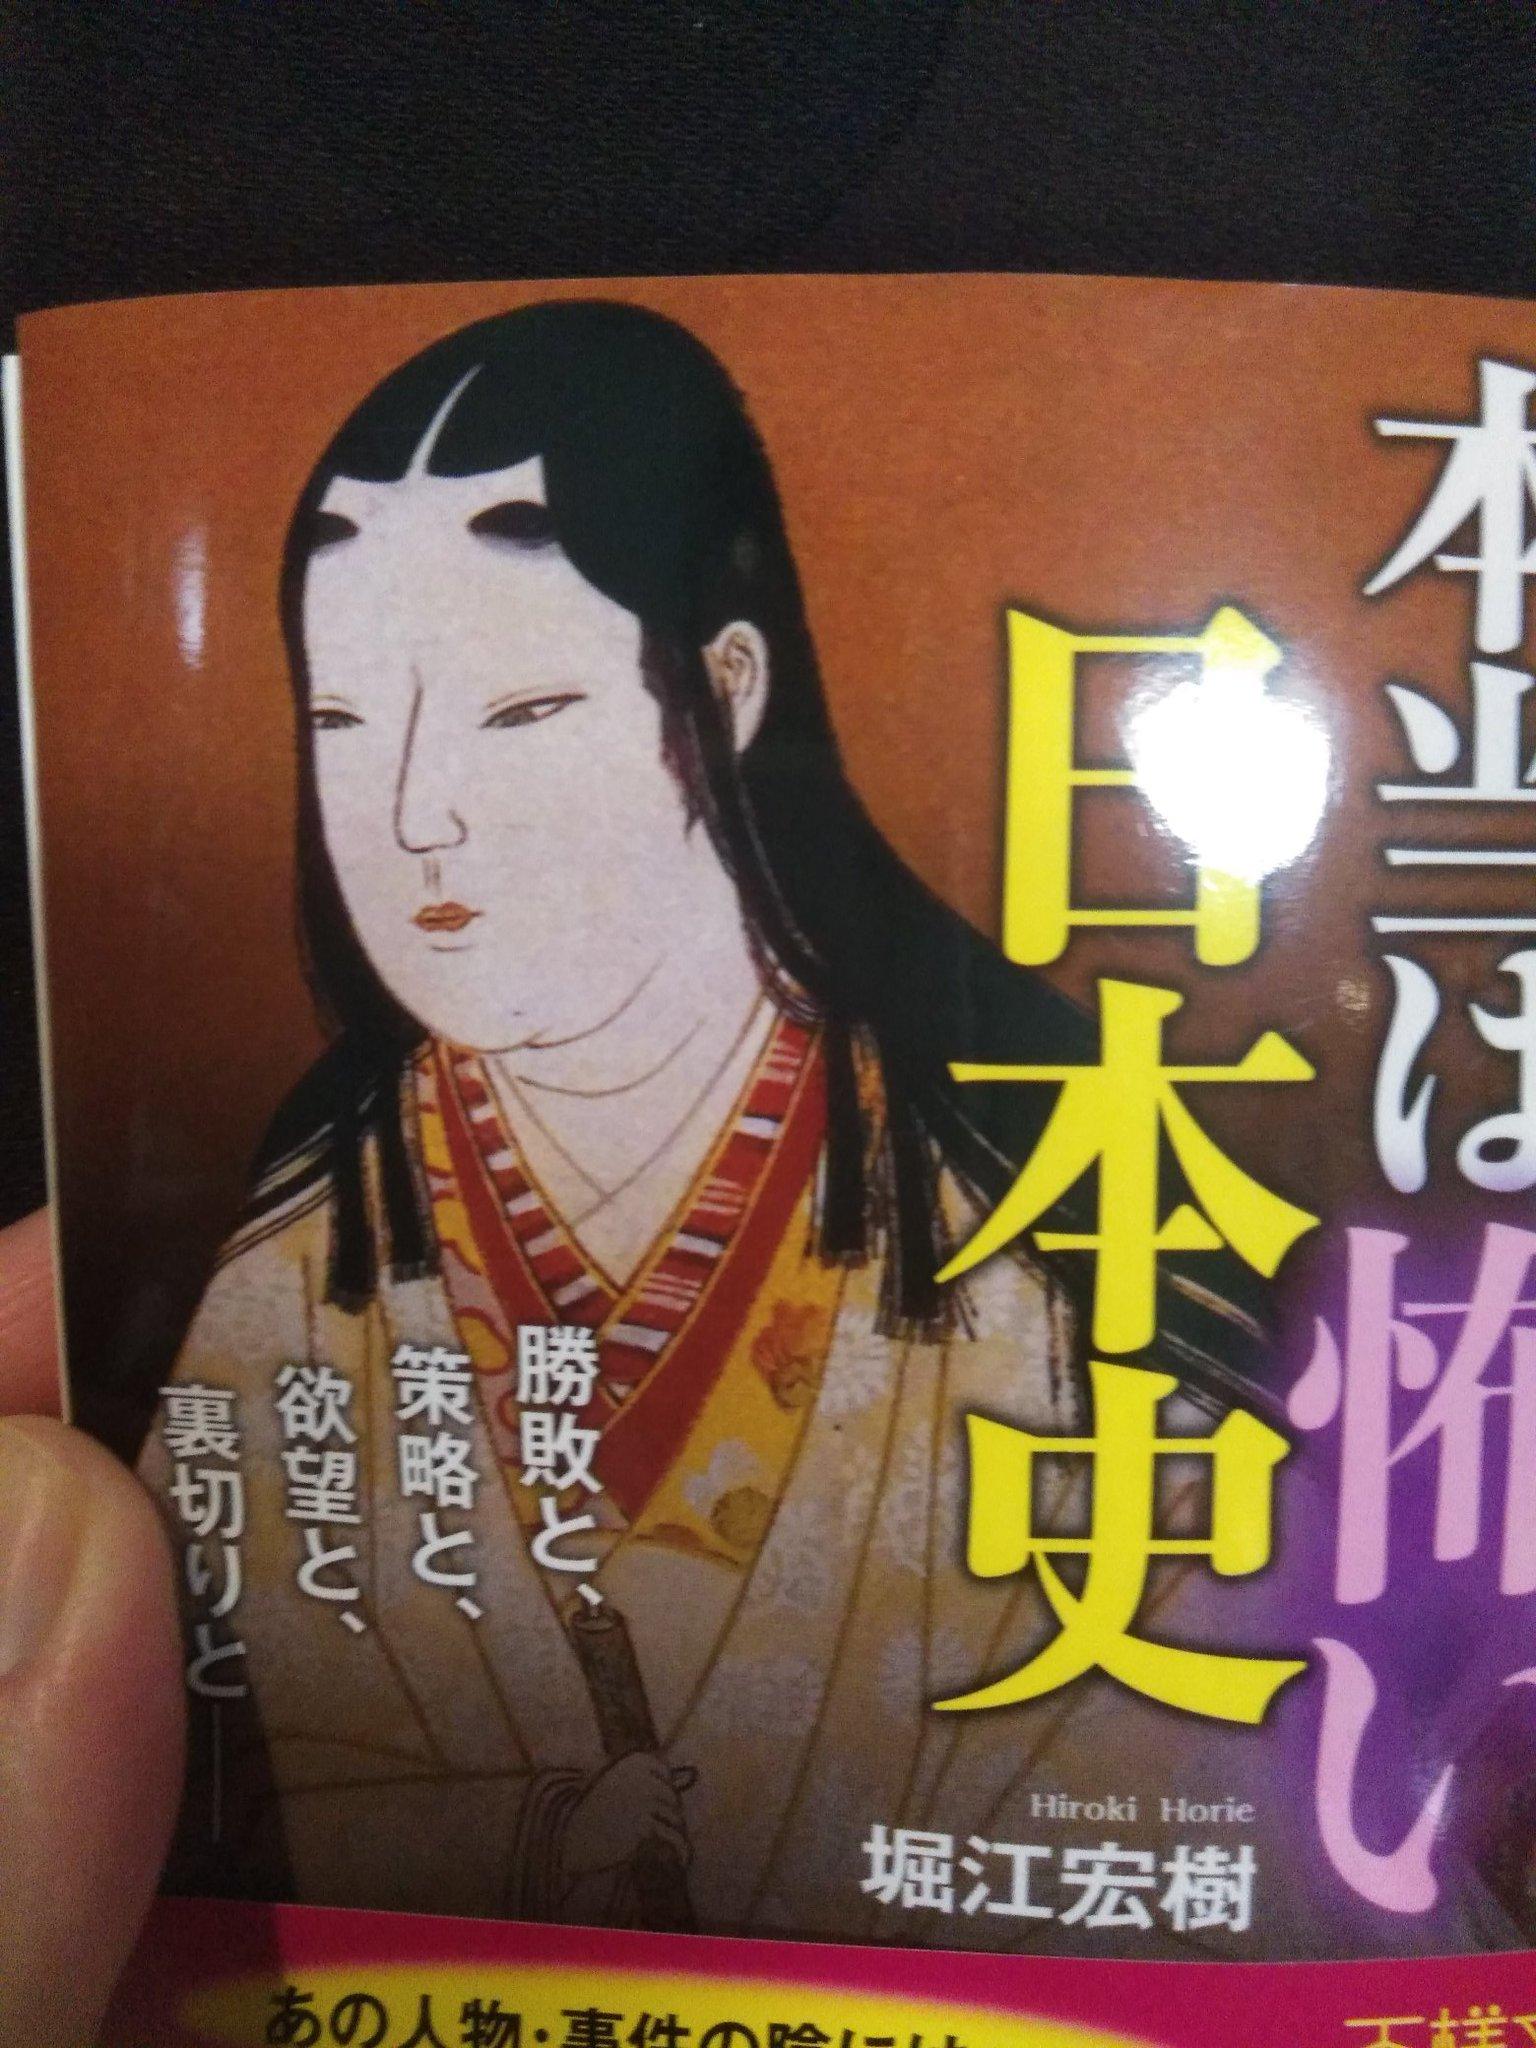 本当は怖い日本史増刷(第五刷)_e0253932_23593489.jpg